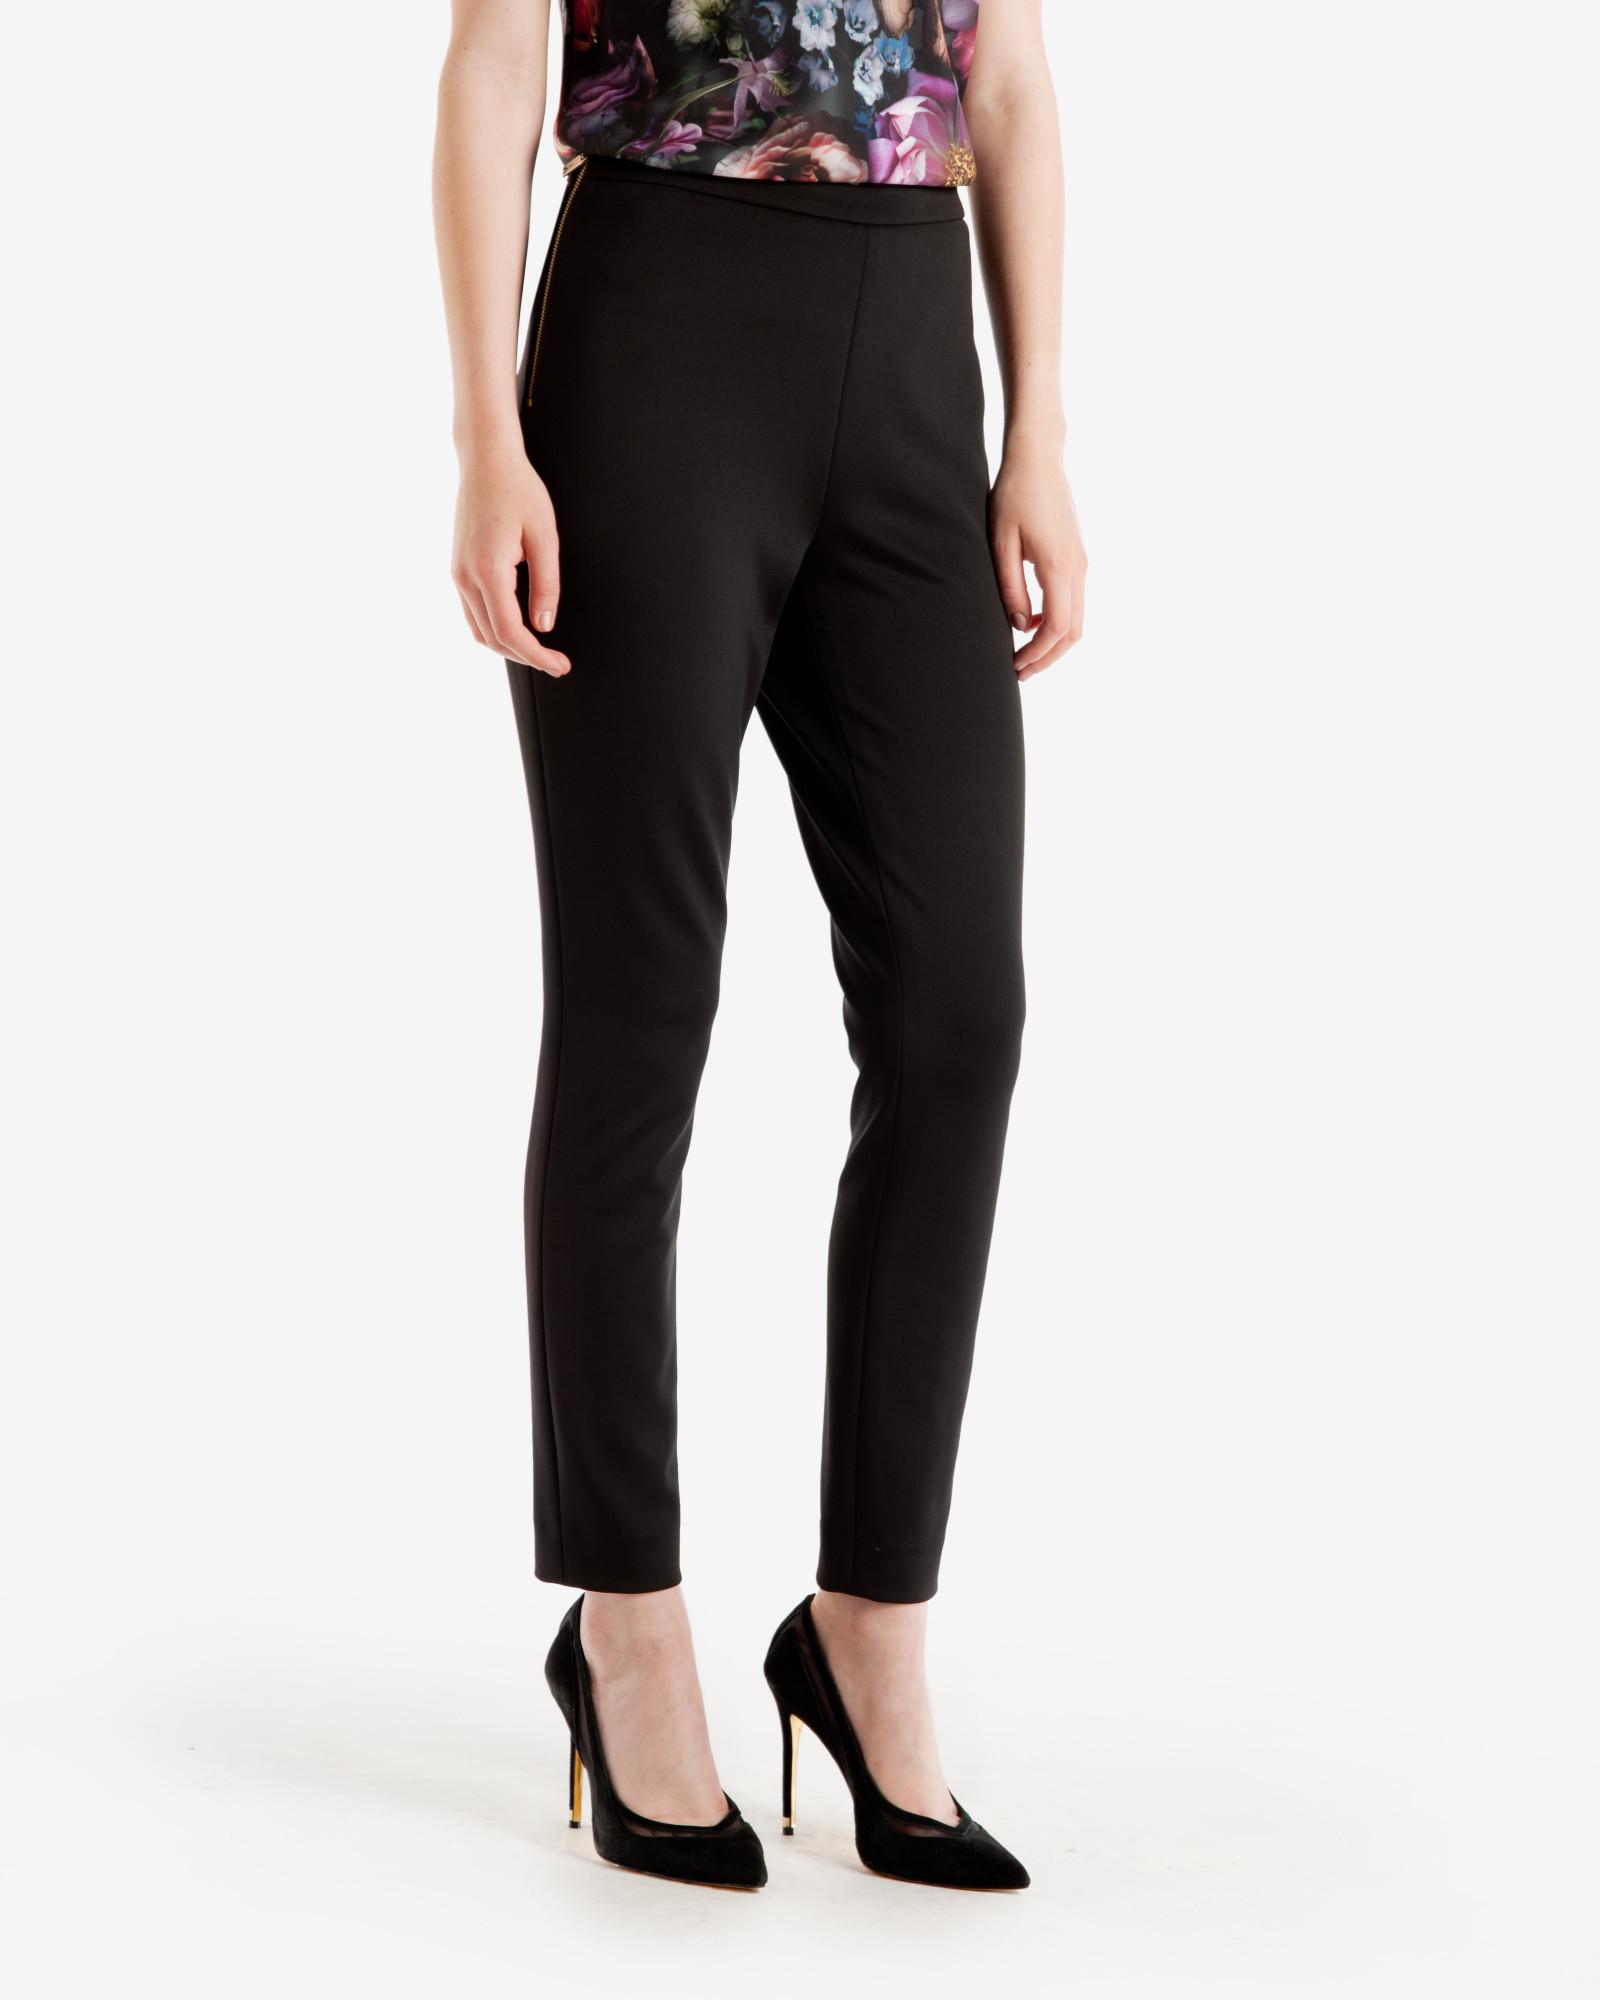 7e7937a4fc78 Ted Baker Skinny Neoprene Pants in Black - Lyst